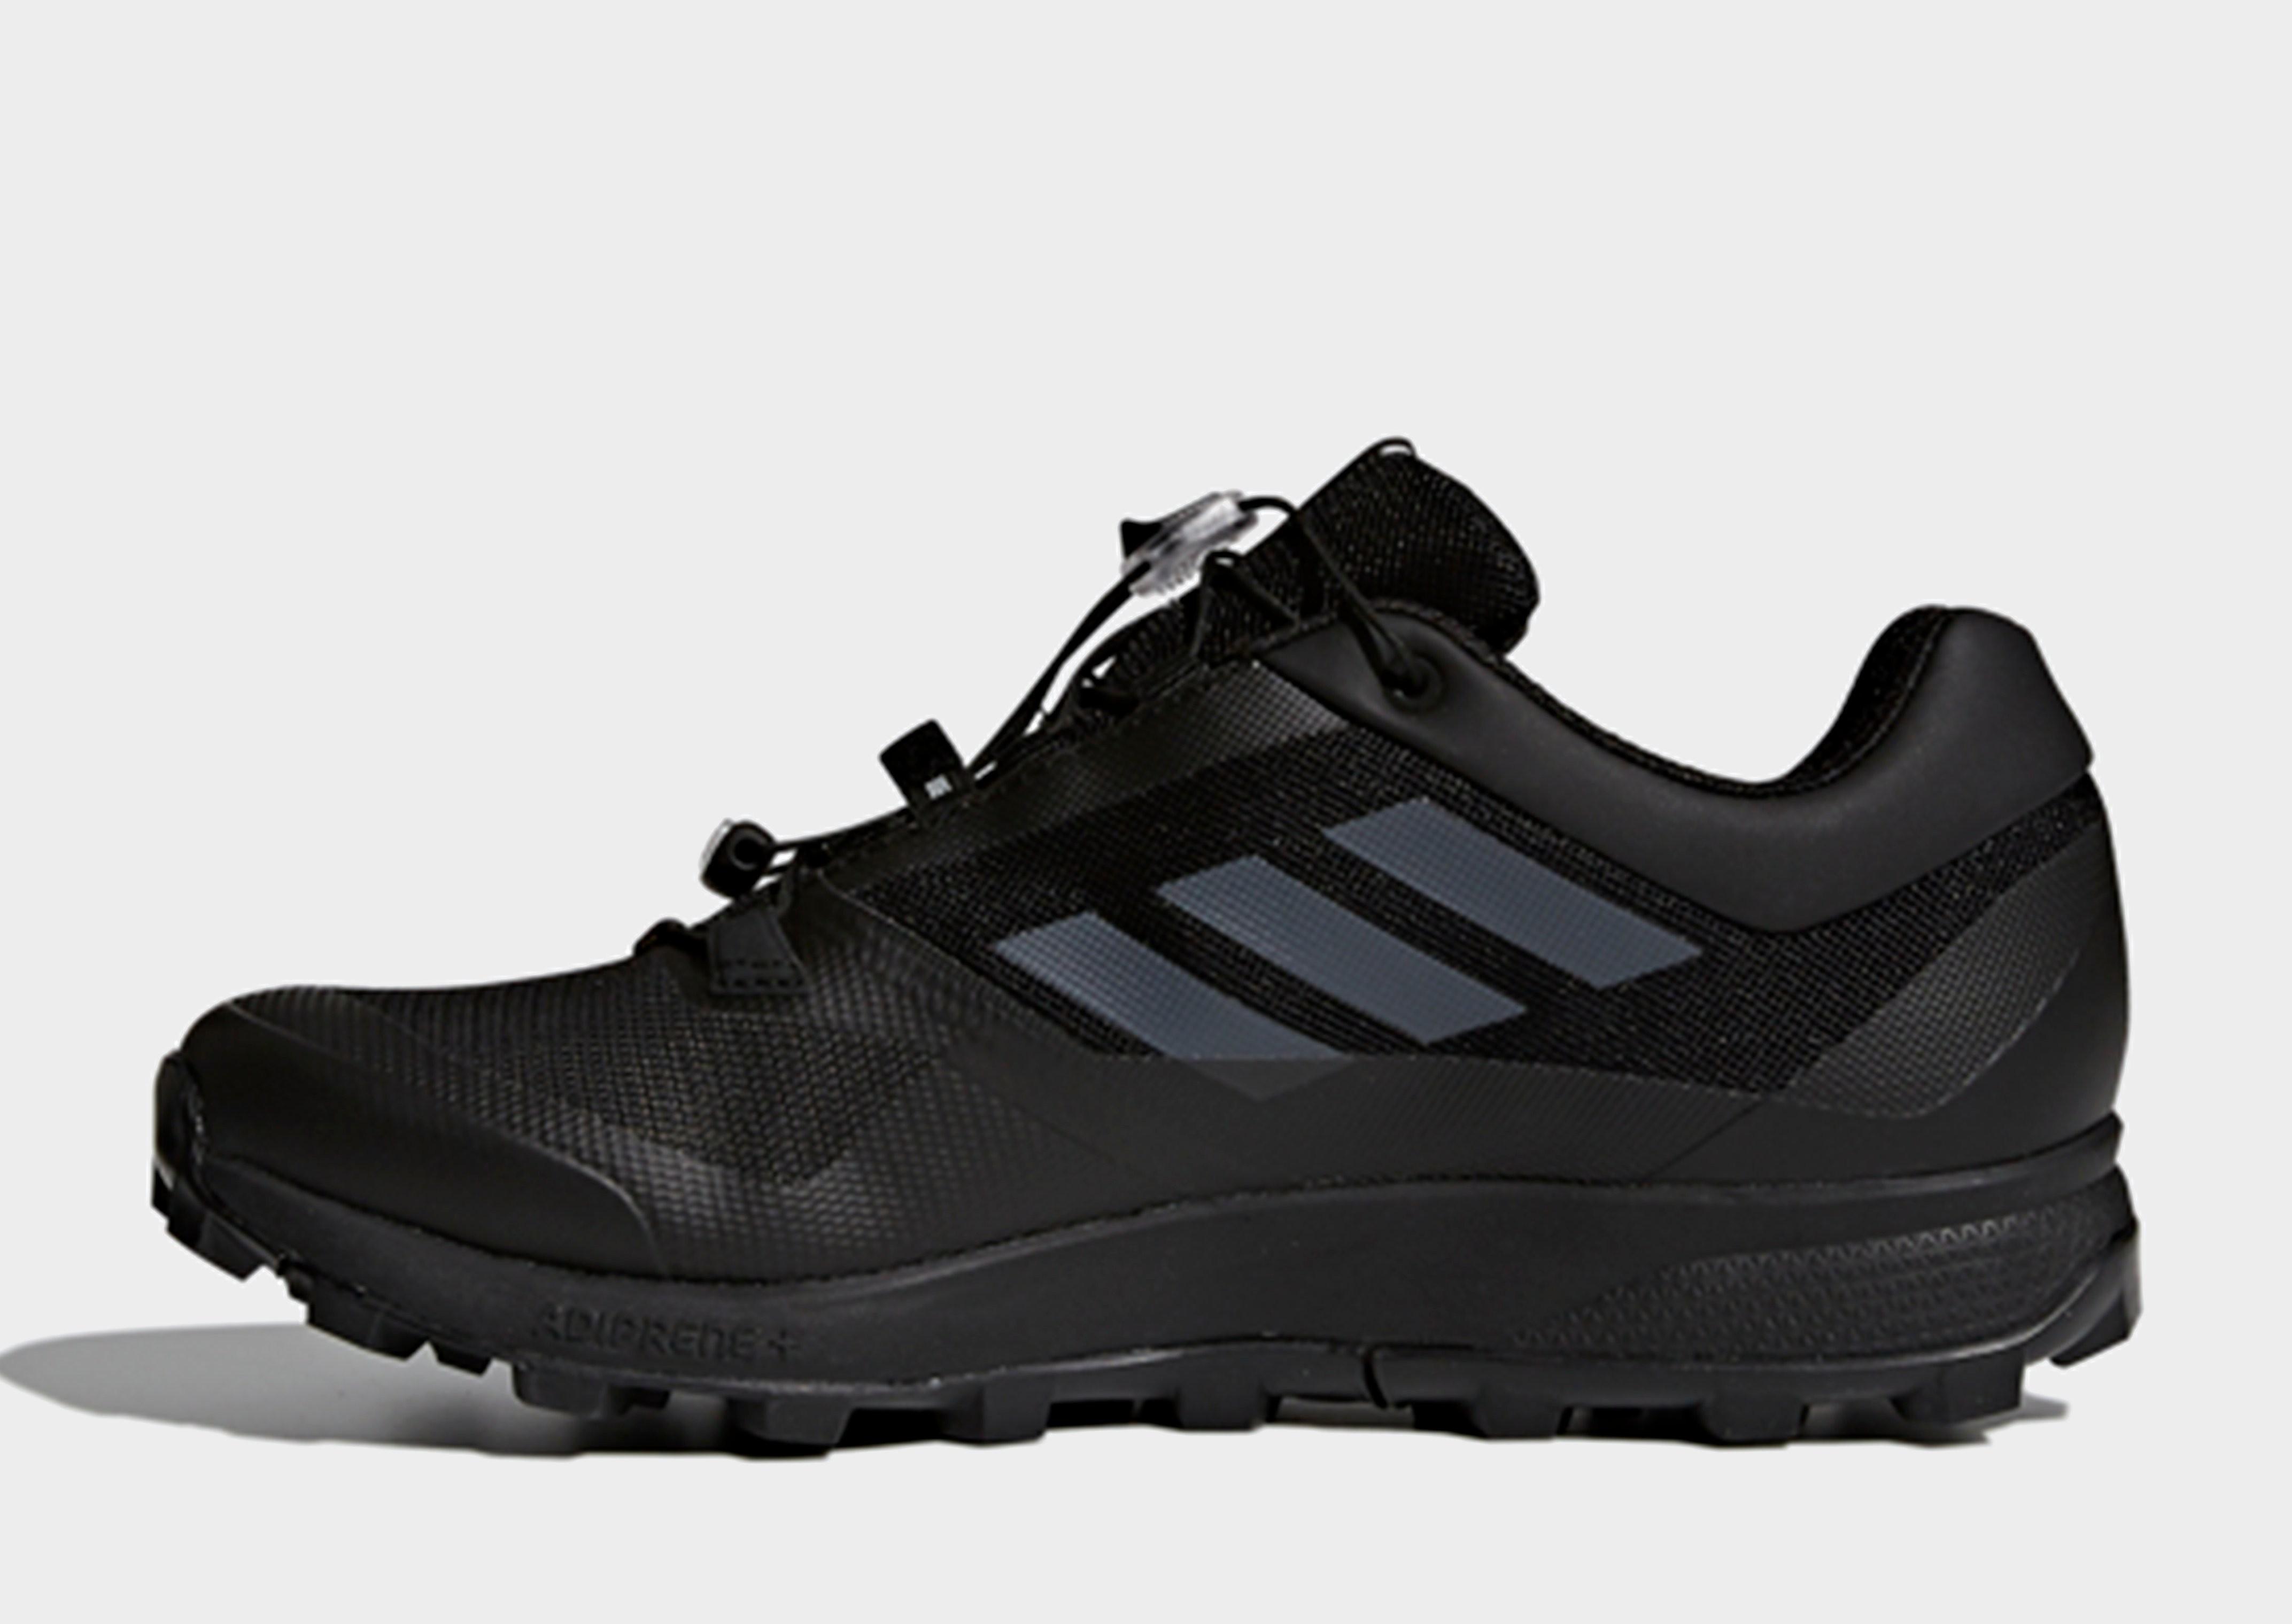 Adidas Terrex trailmaker GTX zapatos JD Sports